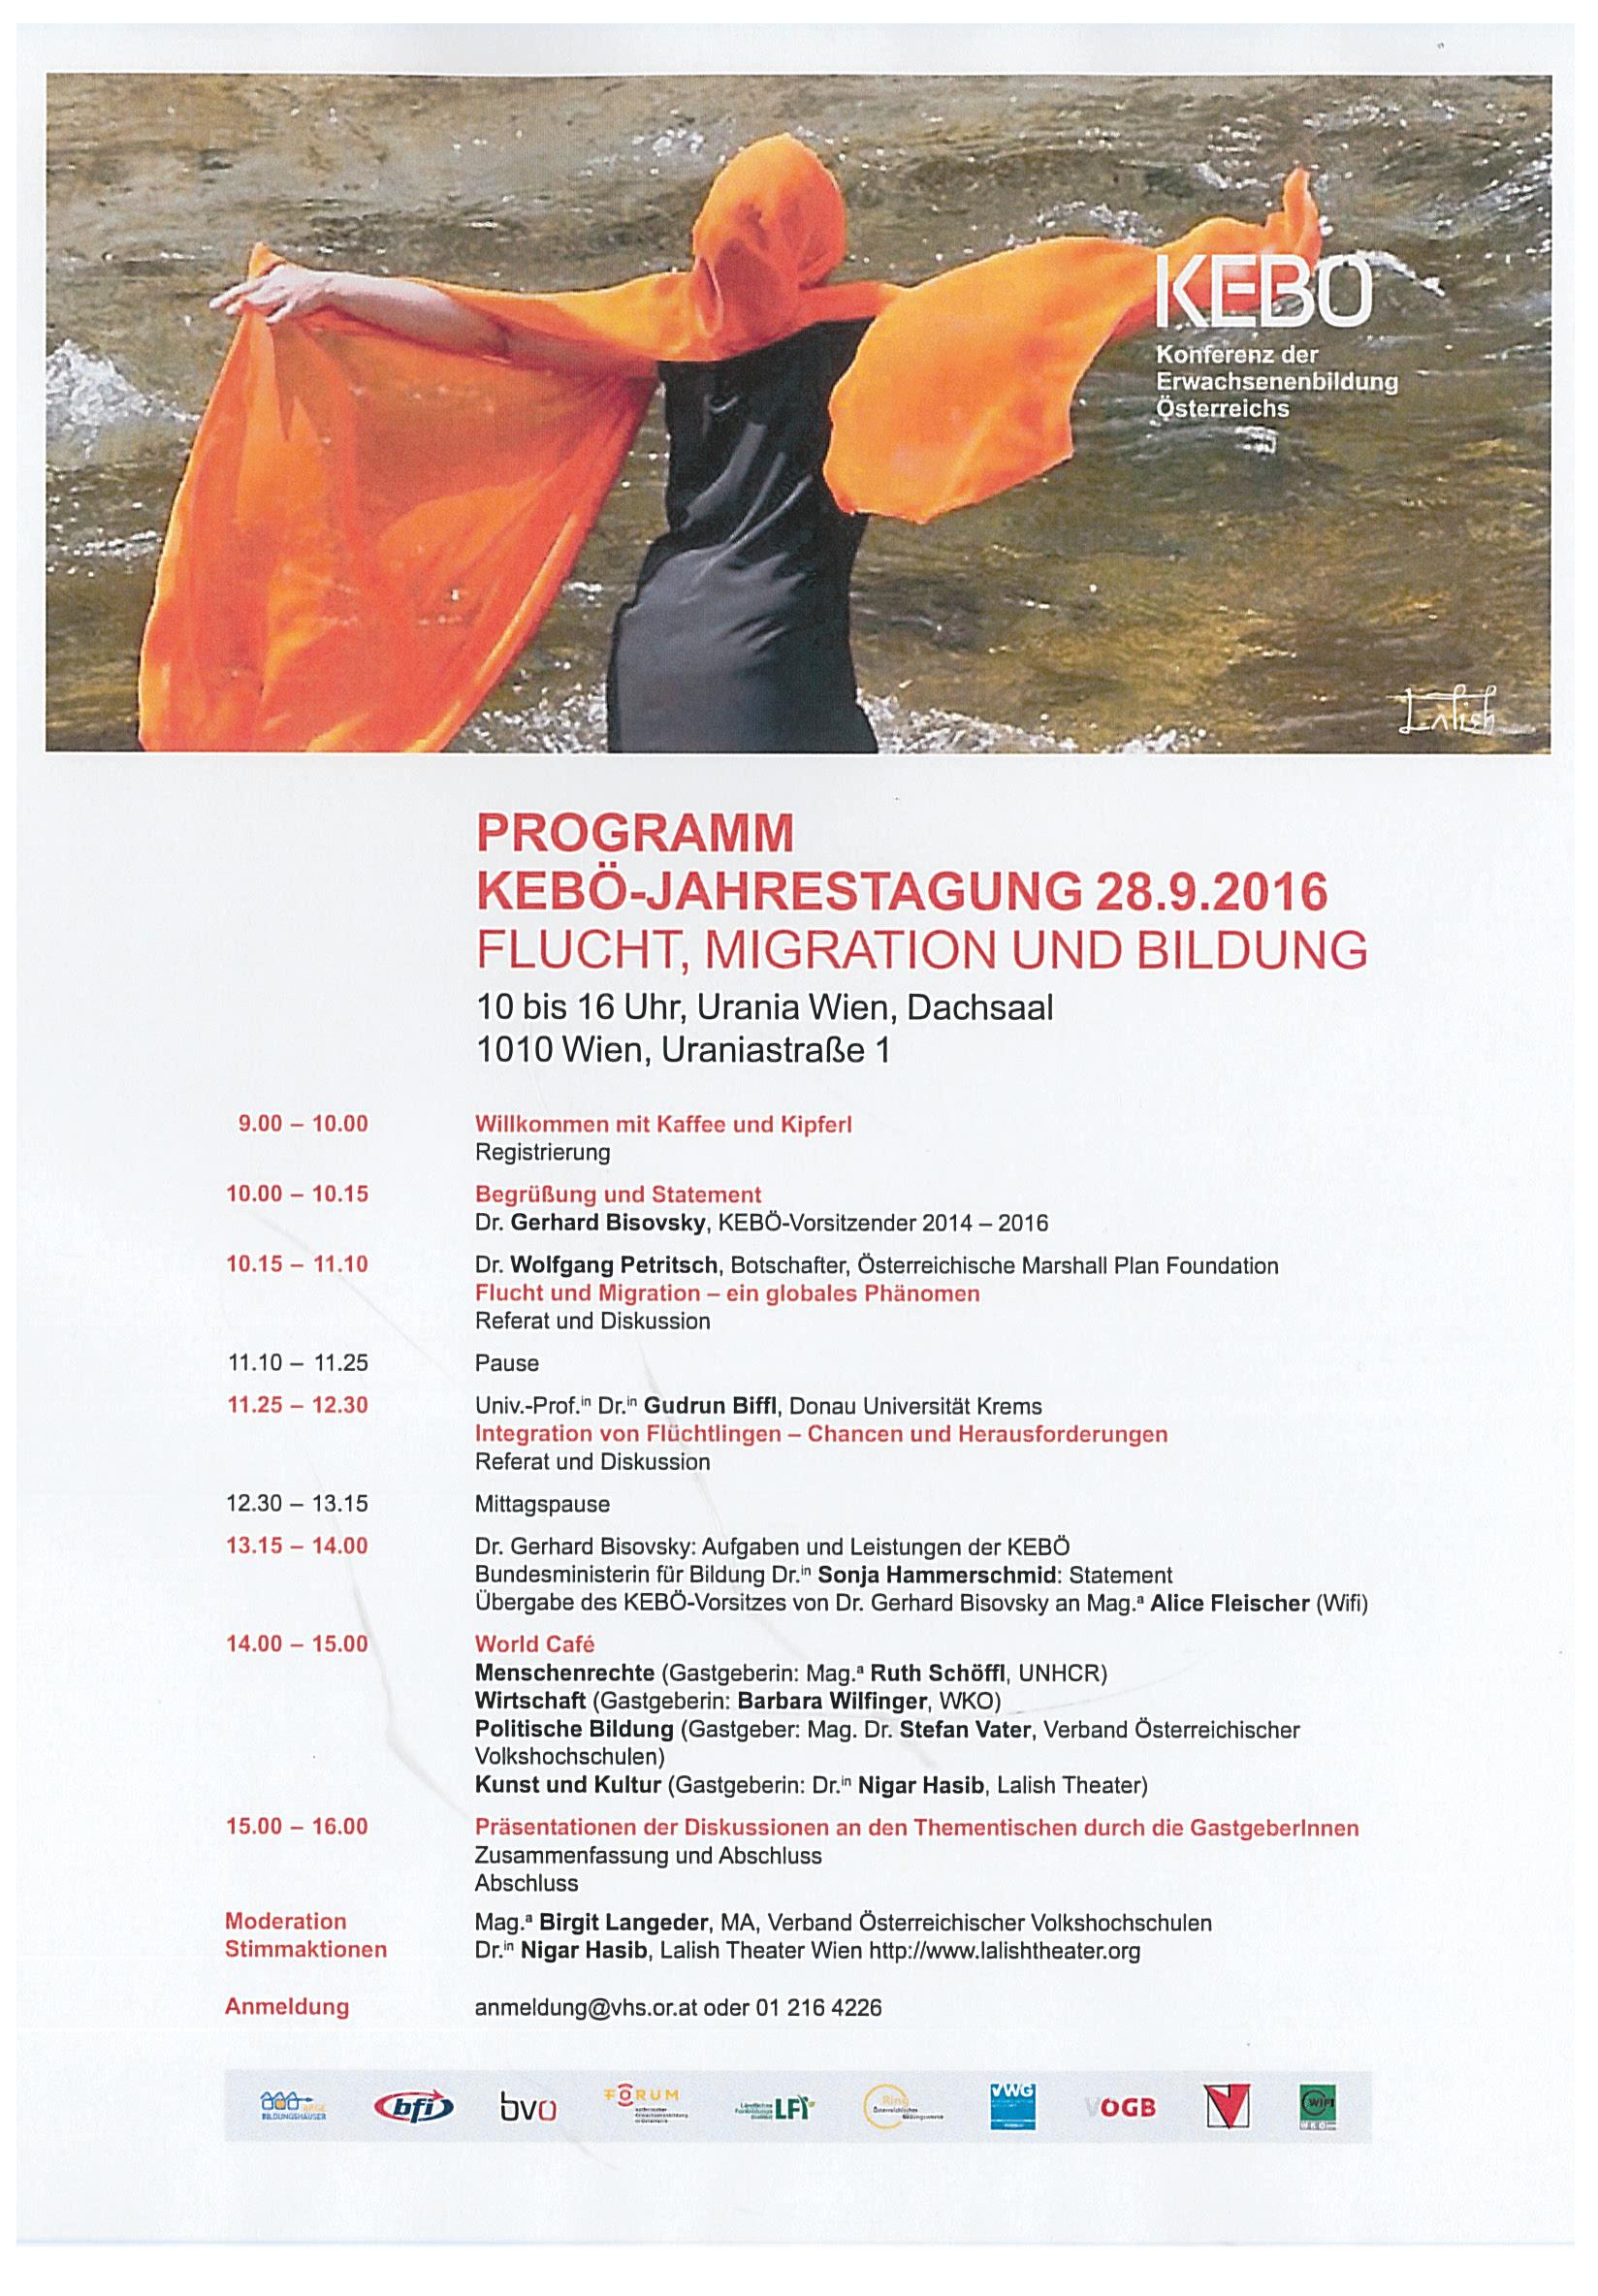 KEBÖ Jahrestagung 2016 Programm